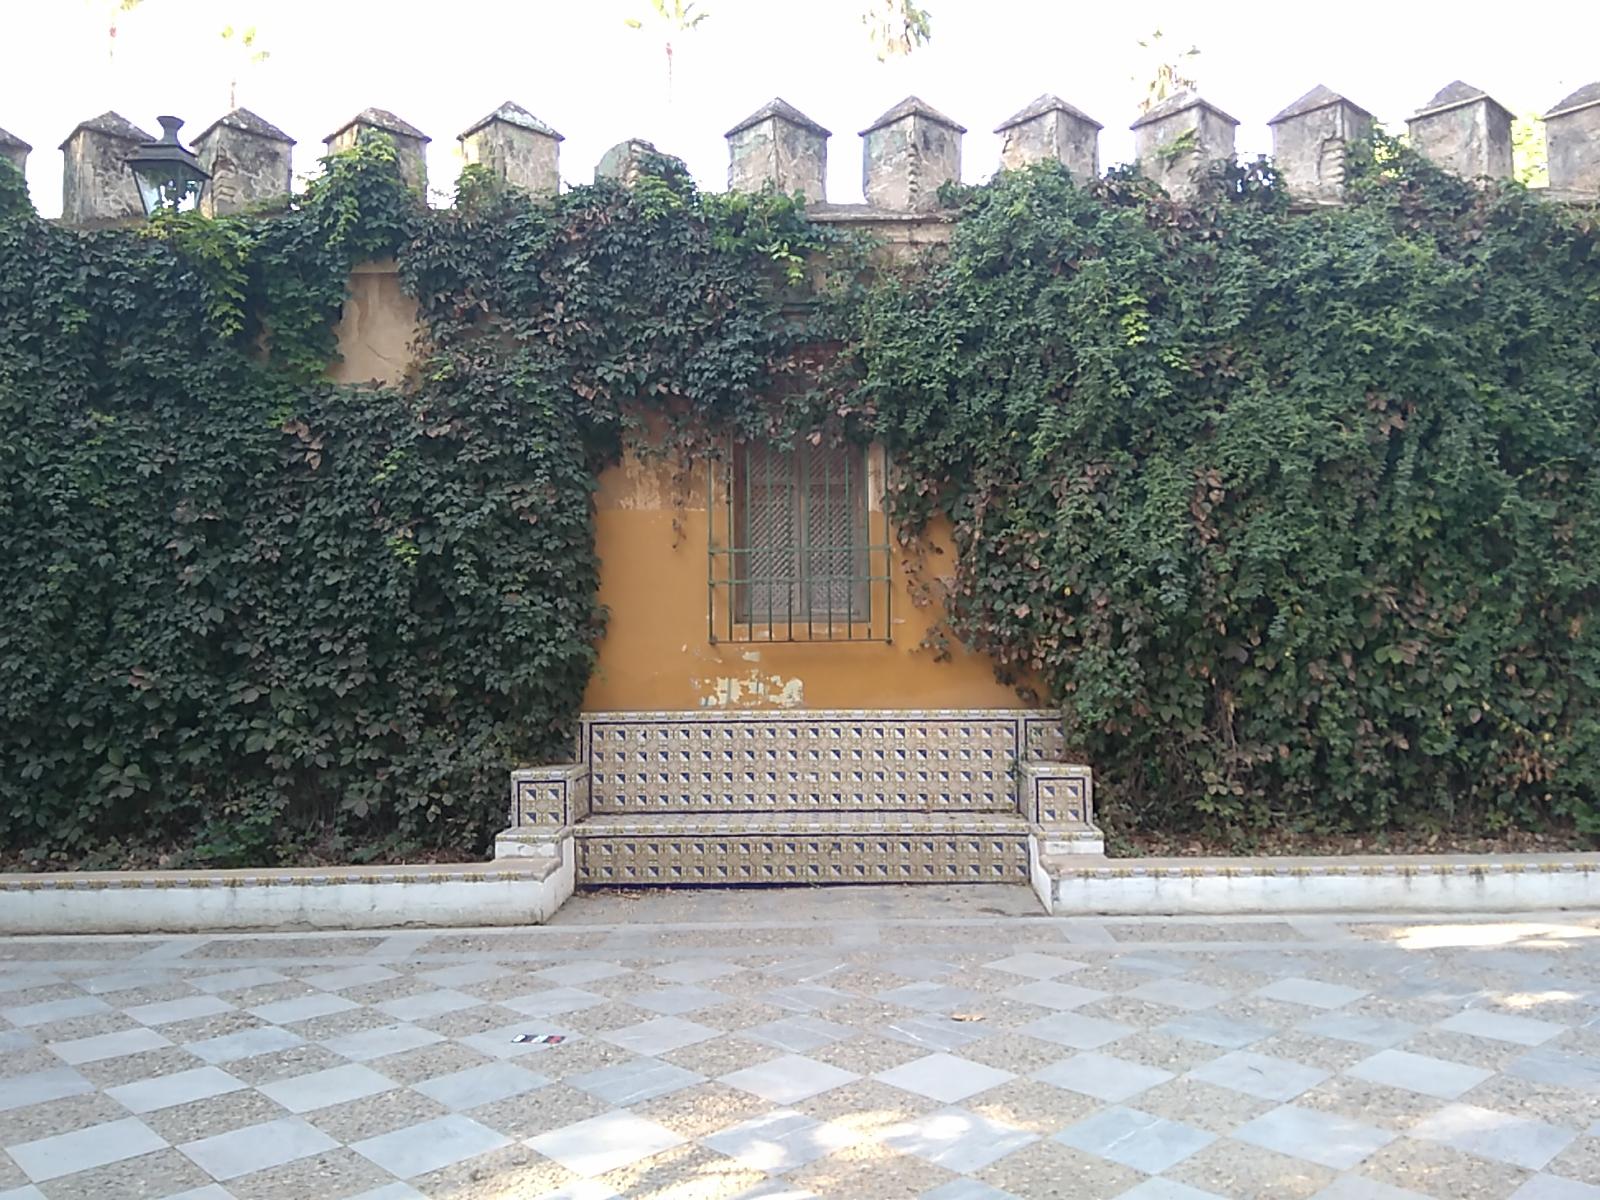 Paseo de catalina de ribera y jardines de murillo sevilla for Jardines del eden sevilla